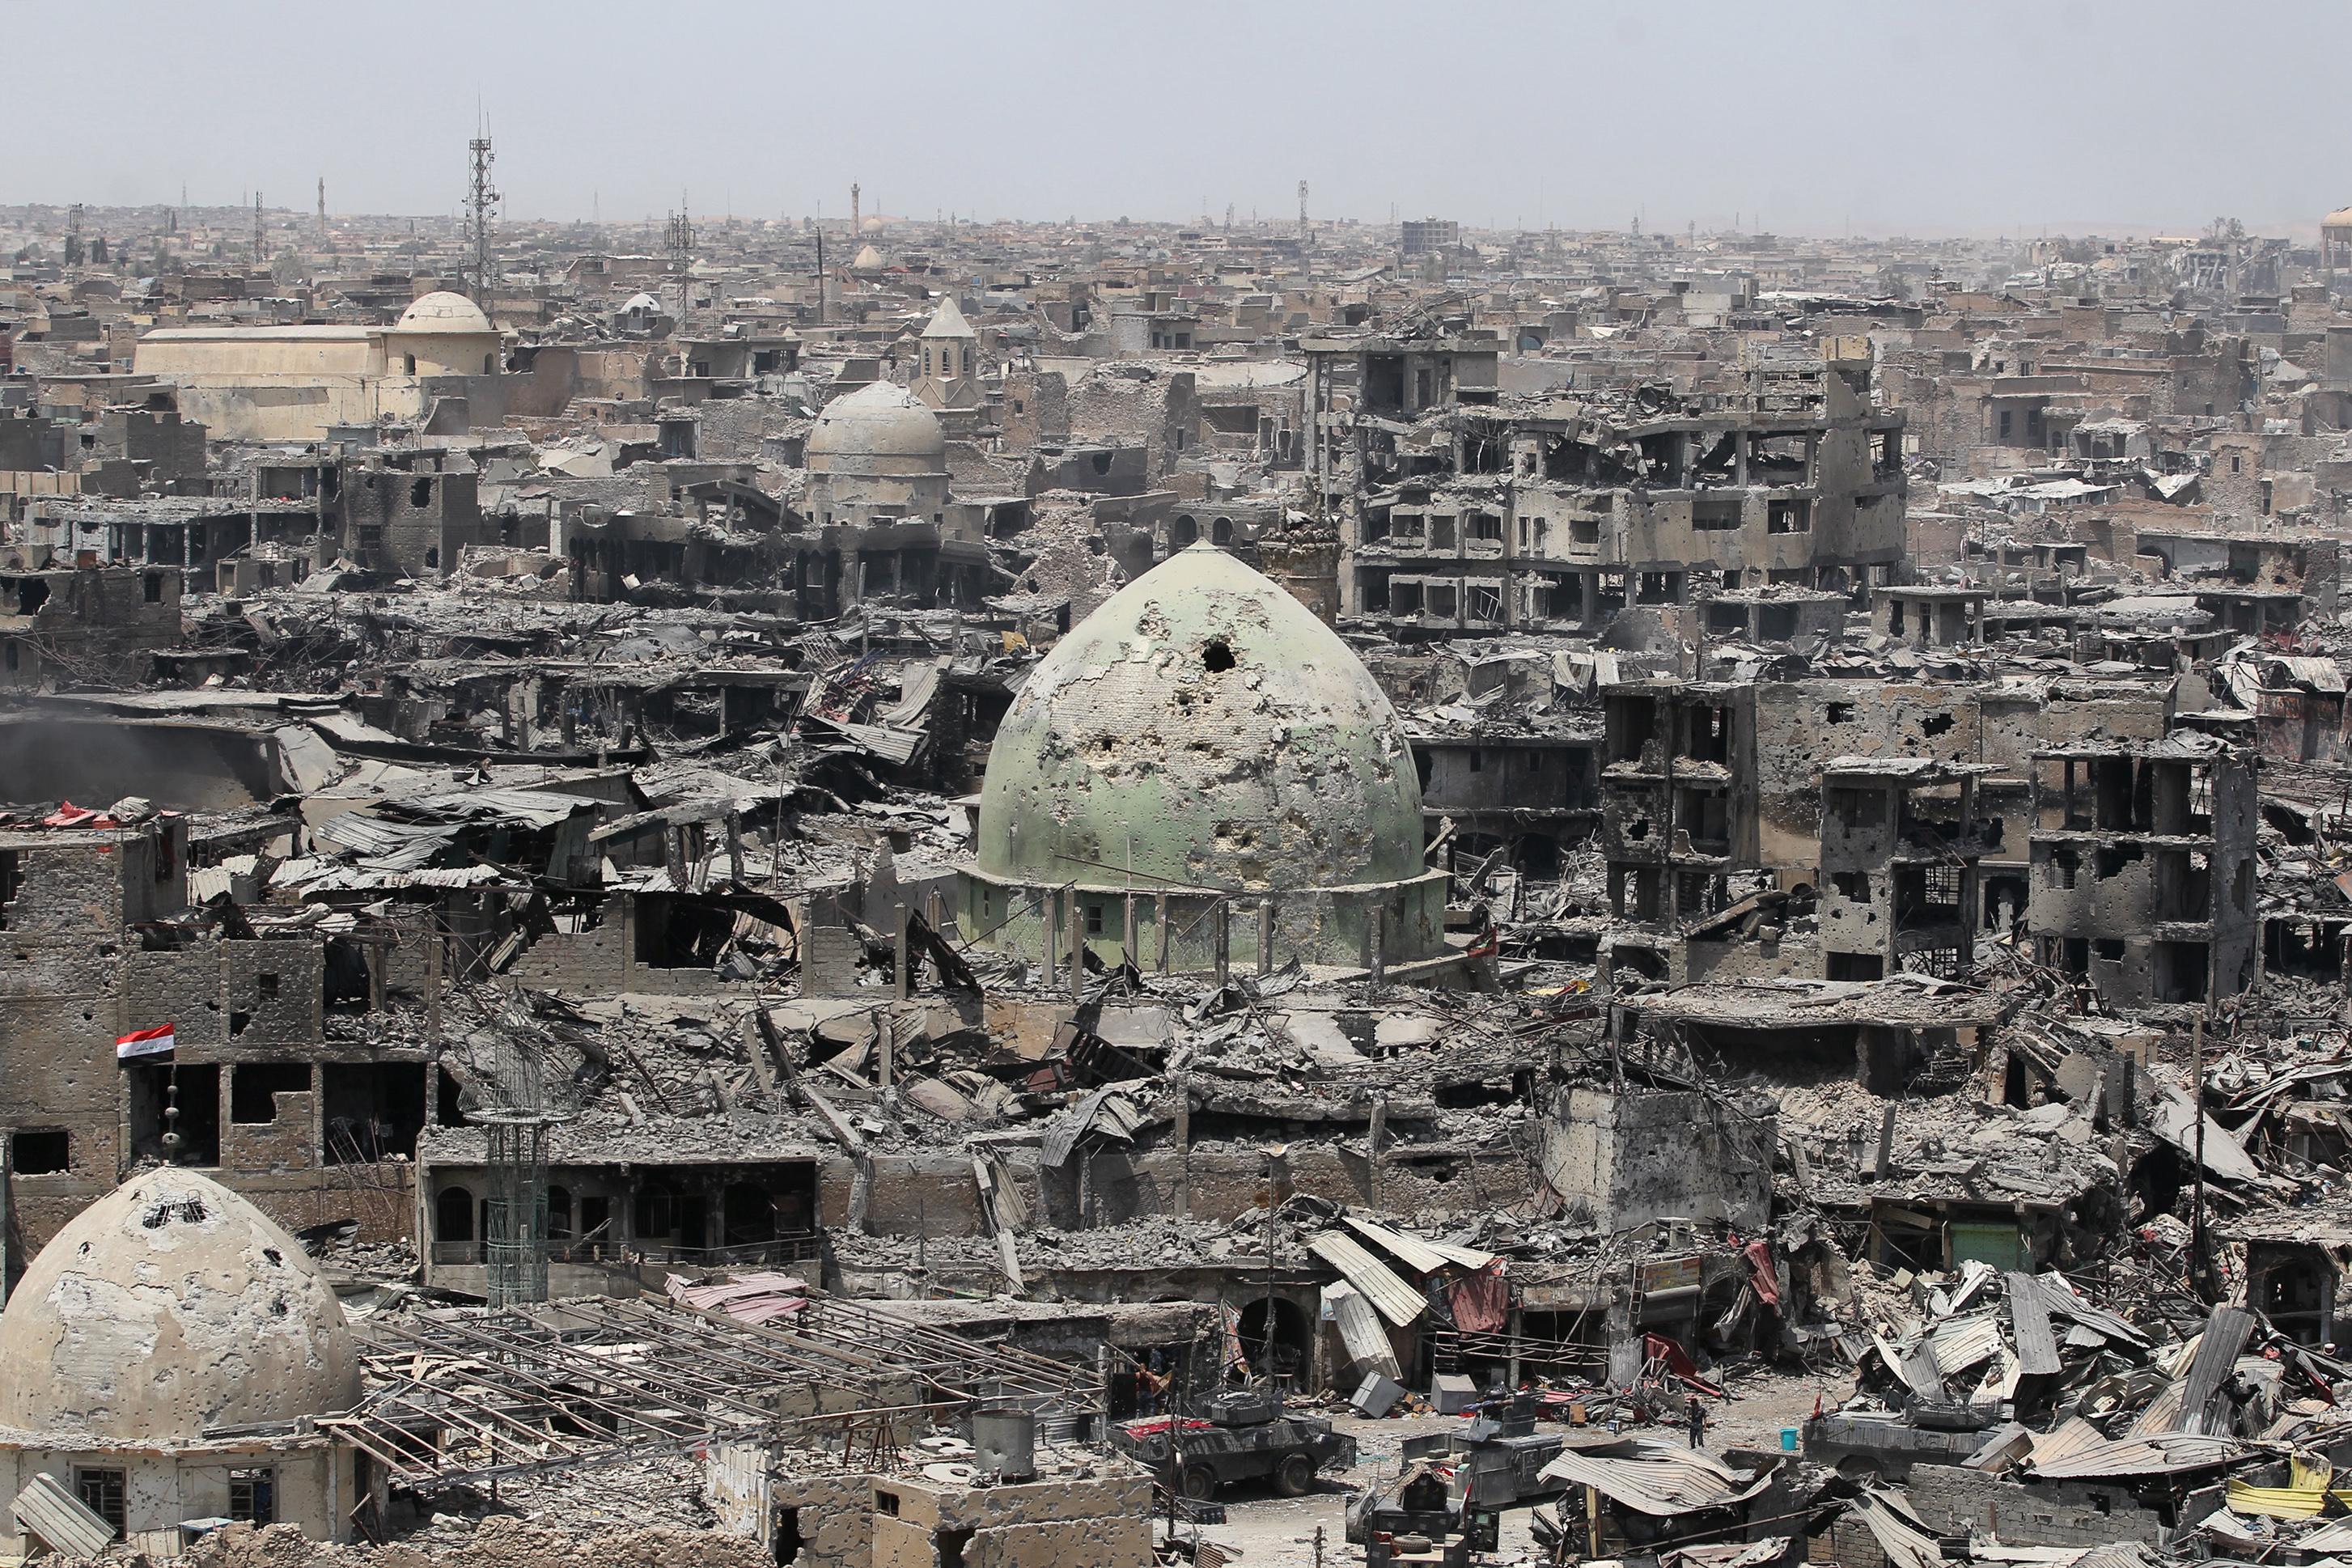 منظر عام للدمار الذي لحق بجامع النوري في الموصل